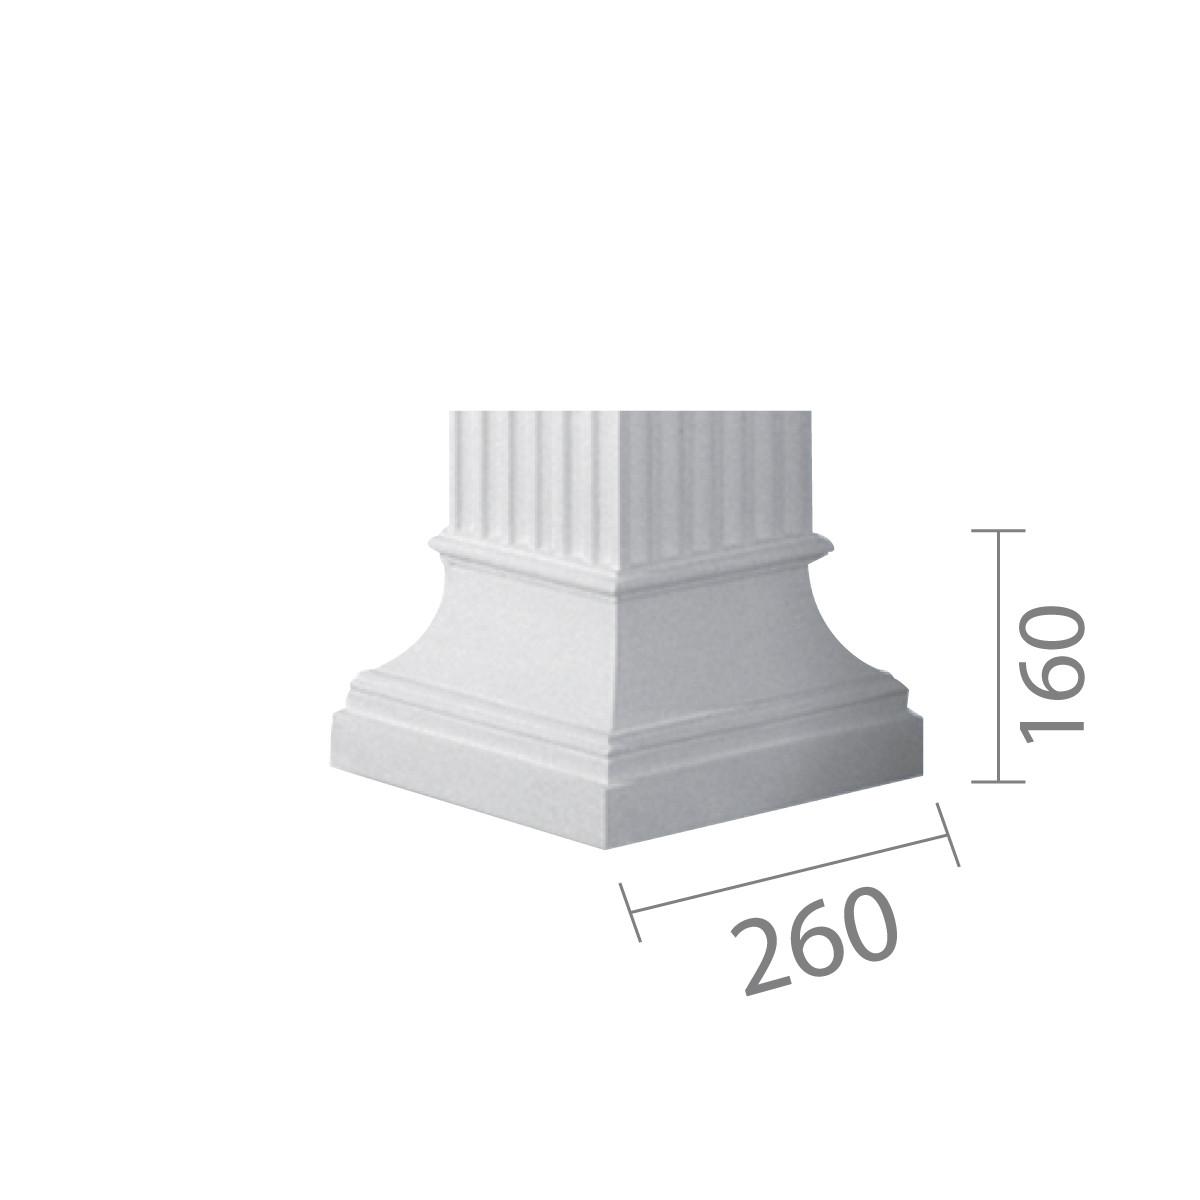 База колони б-10 (квадратна)